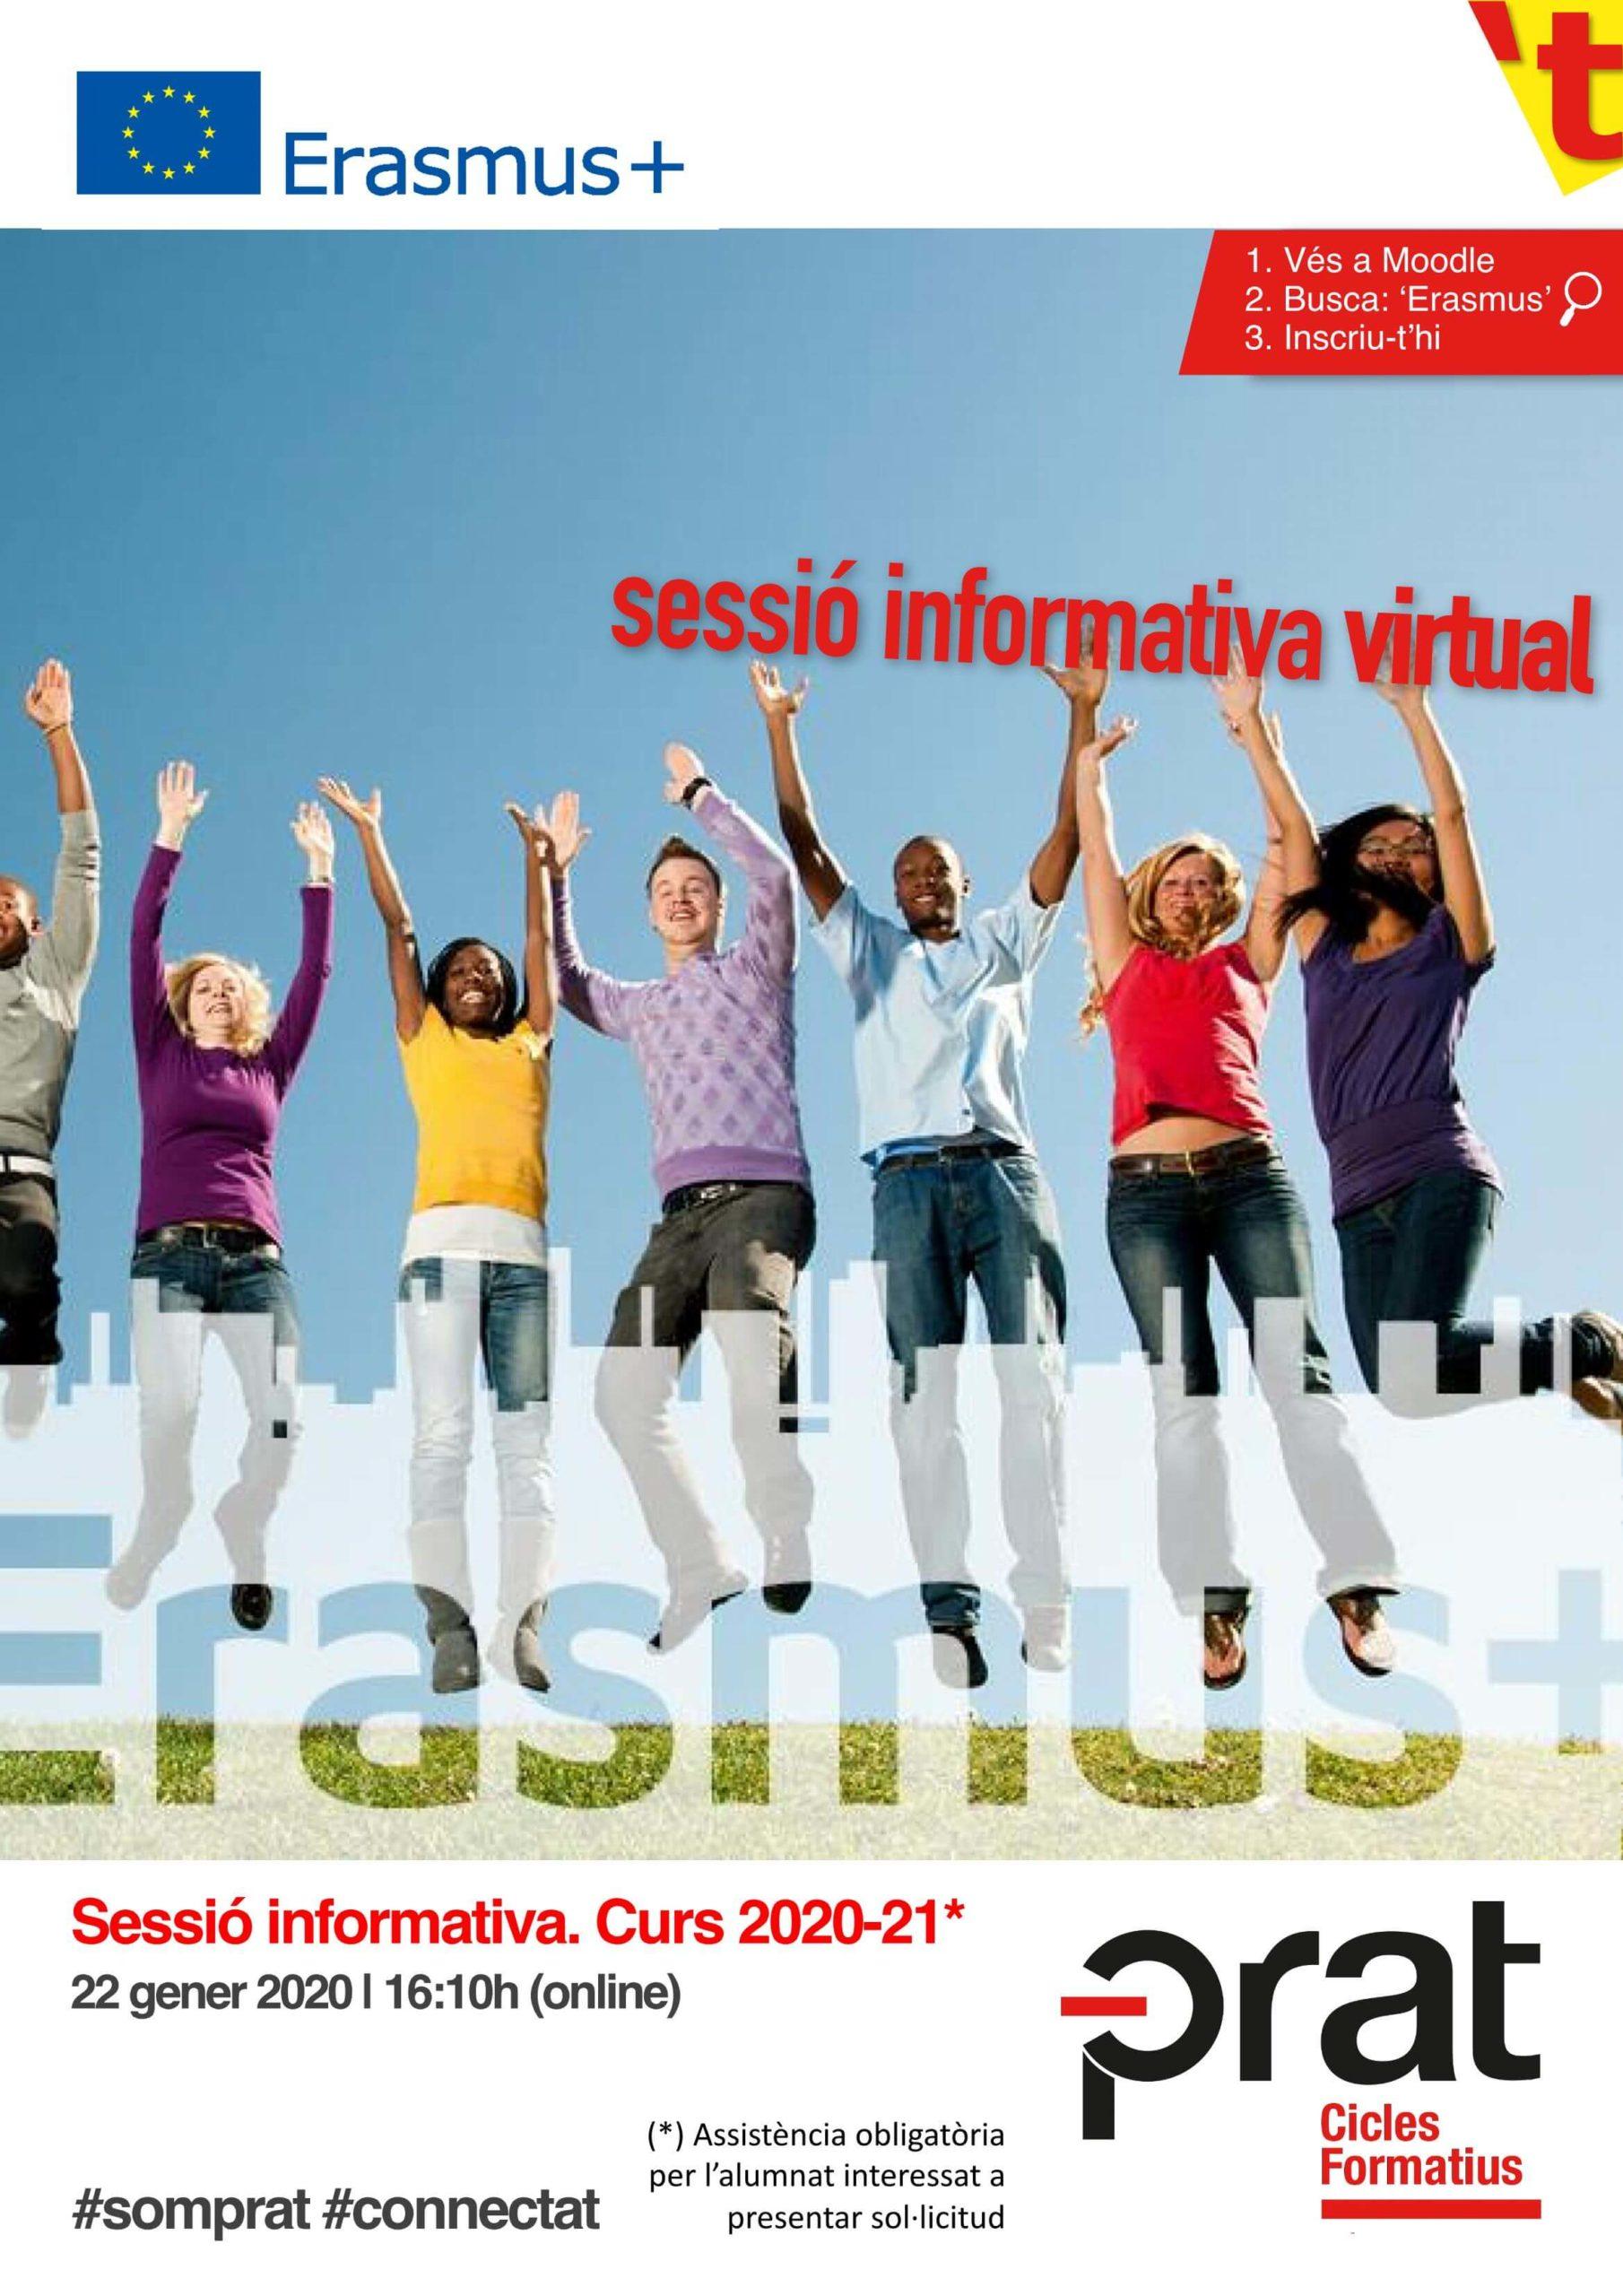 Sessió informativa d'Erasmus+, curs 20-21